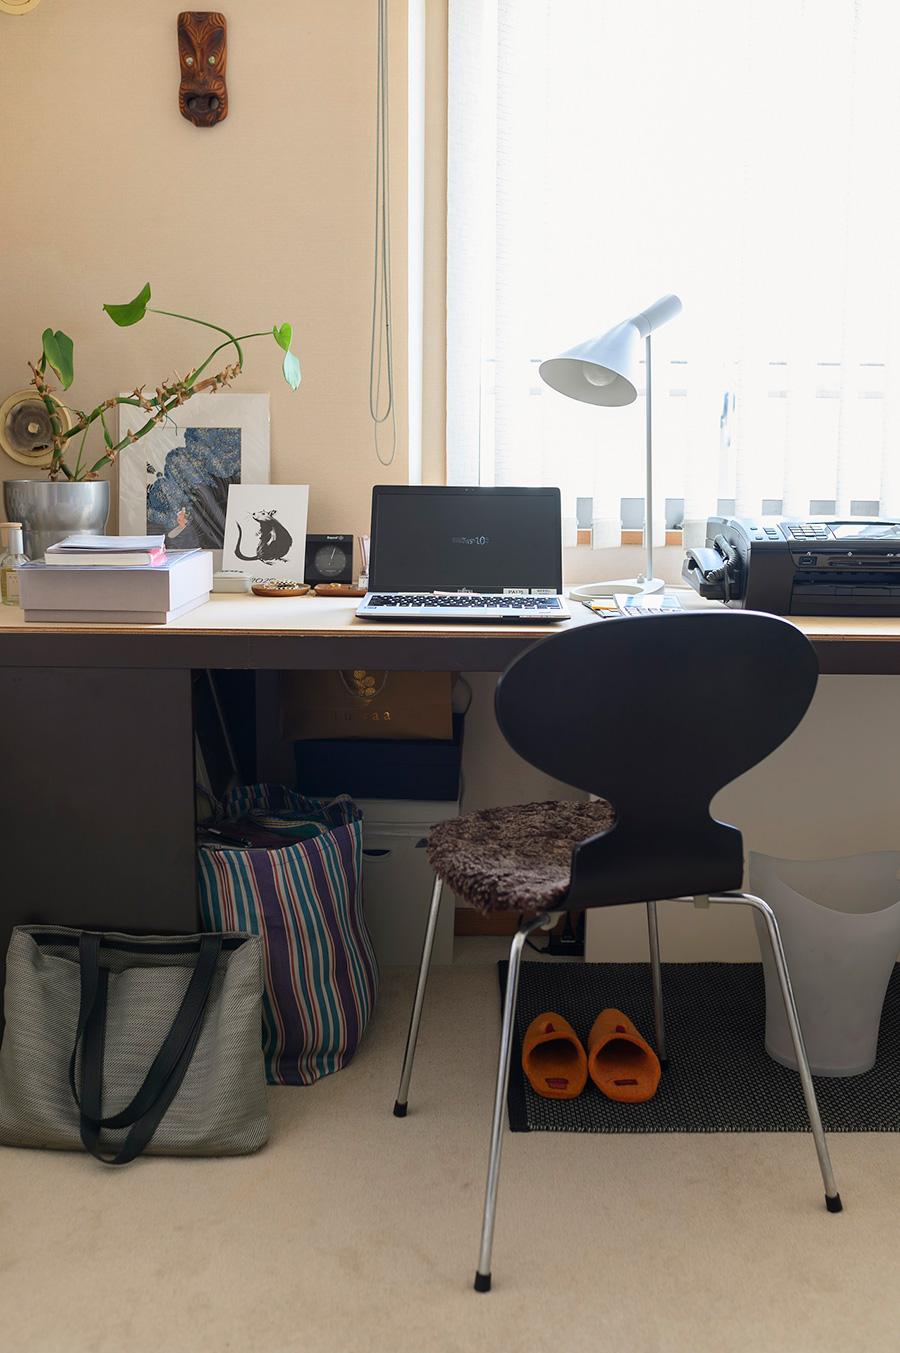 ミニマルな形と特徴的なフォルムのAJテーブルランプが、デスクワークをサポート。部屋の飾りから実用品へ。